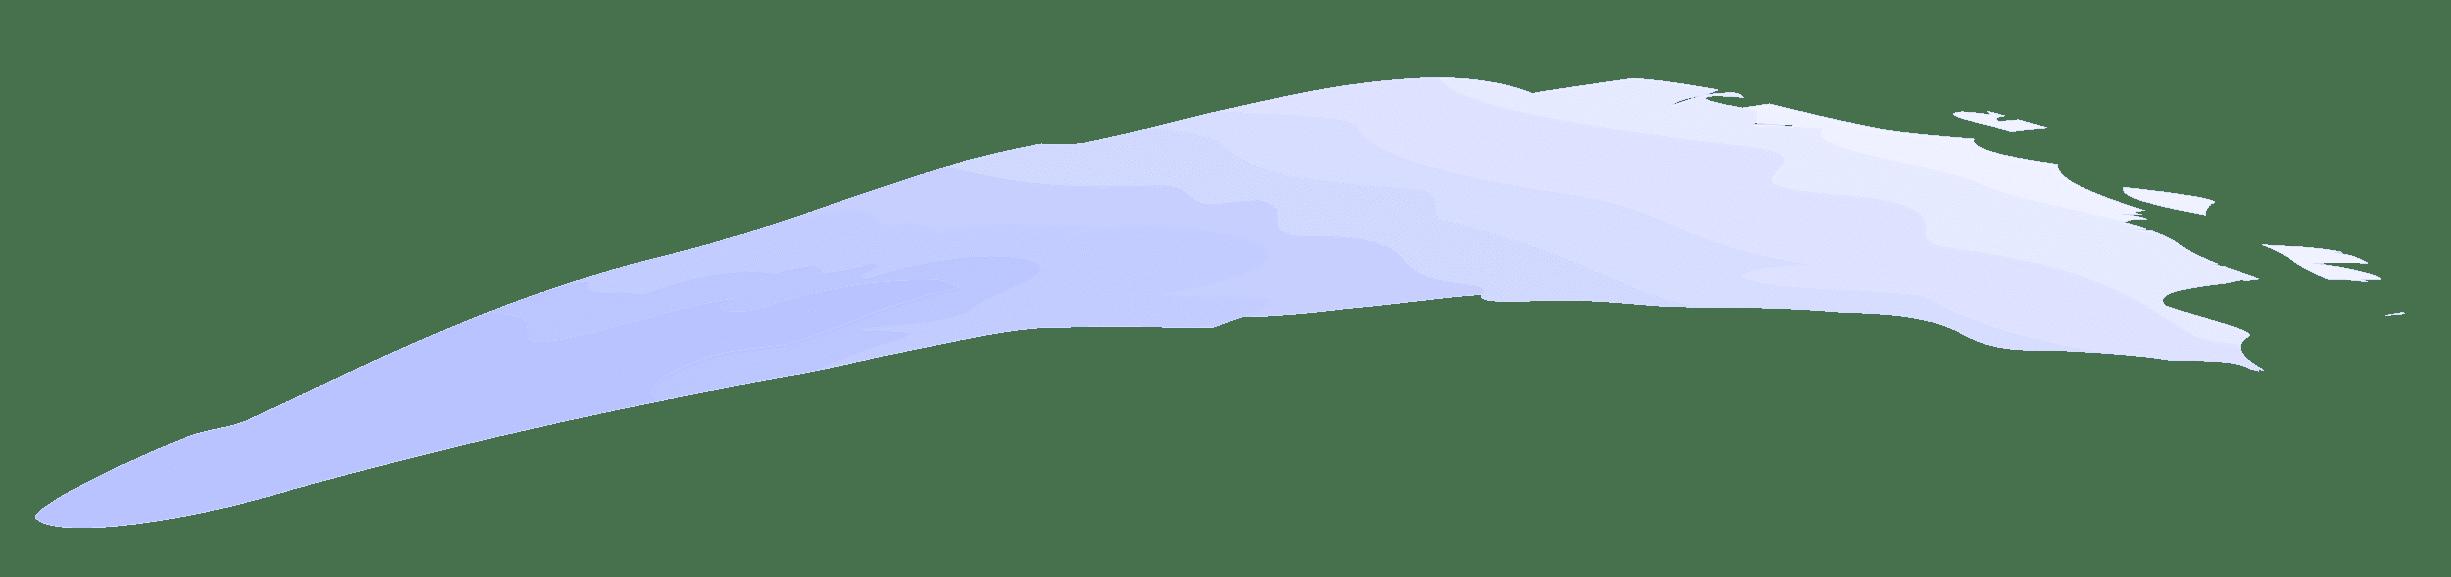 decondia-pinsel-6